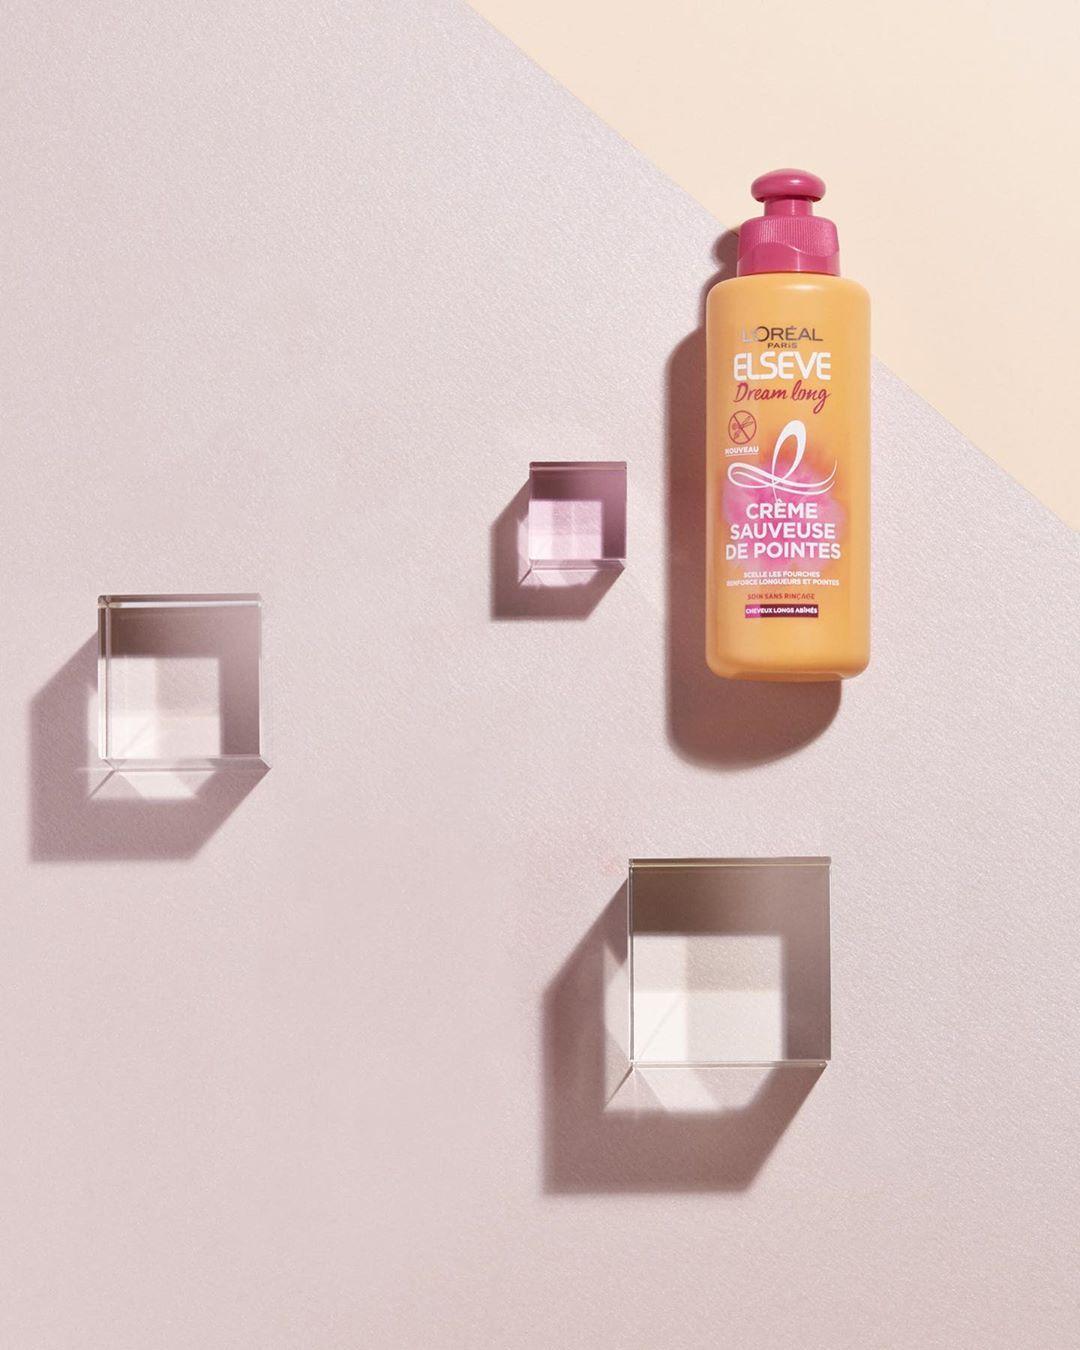 Dream Long Crema Stop Tijeras Elvive En 2020 Aceite De Ricino